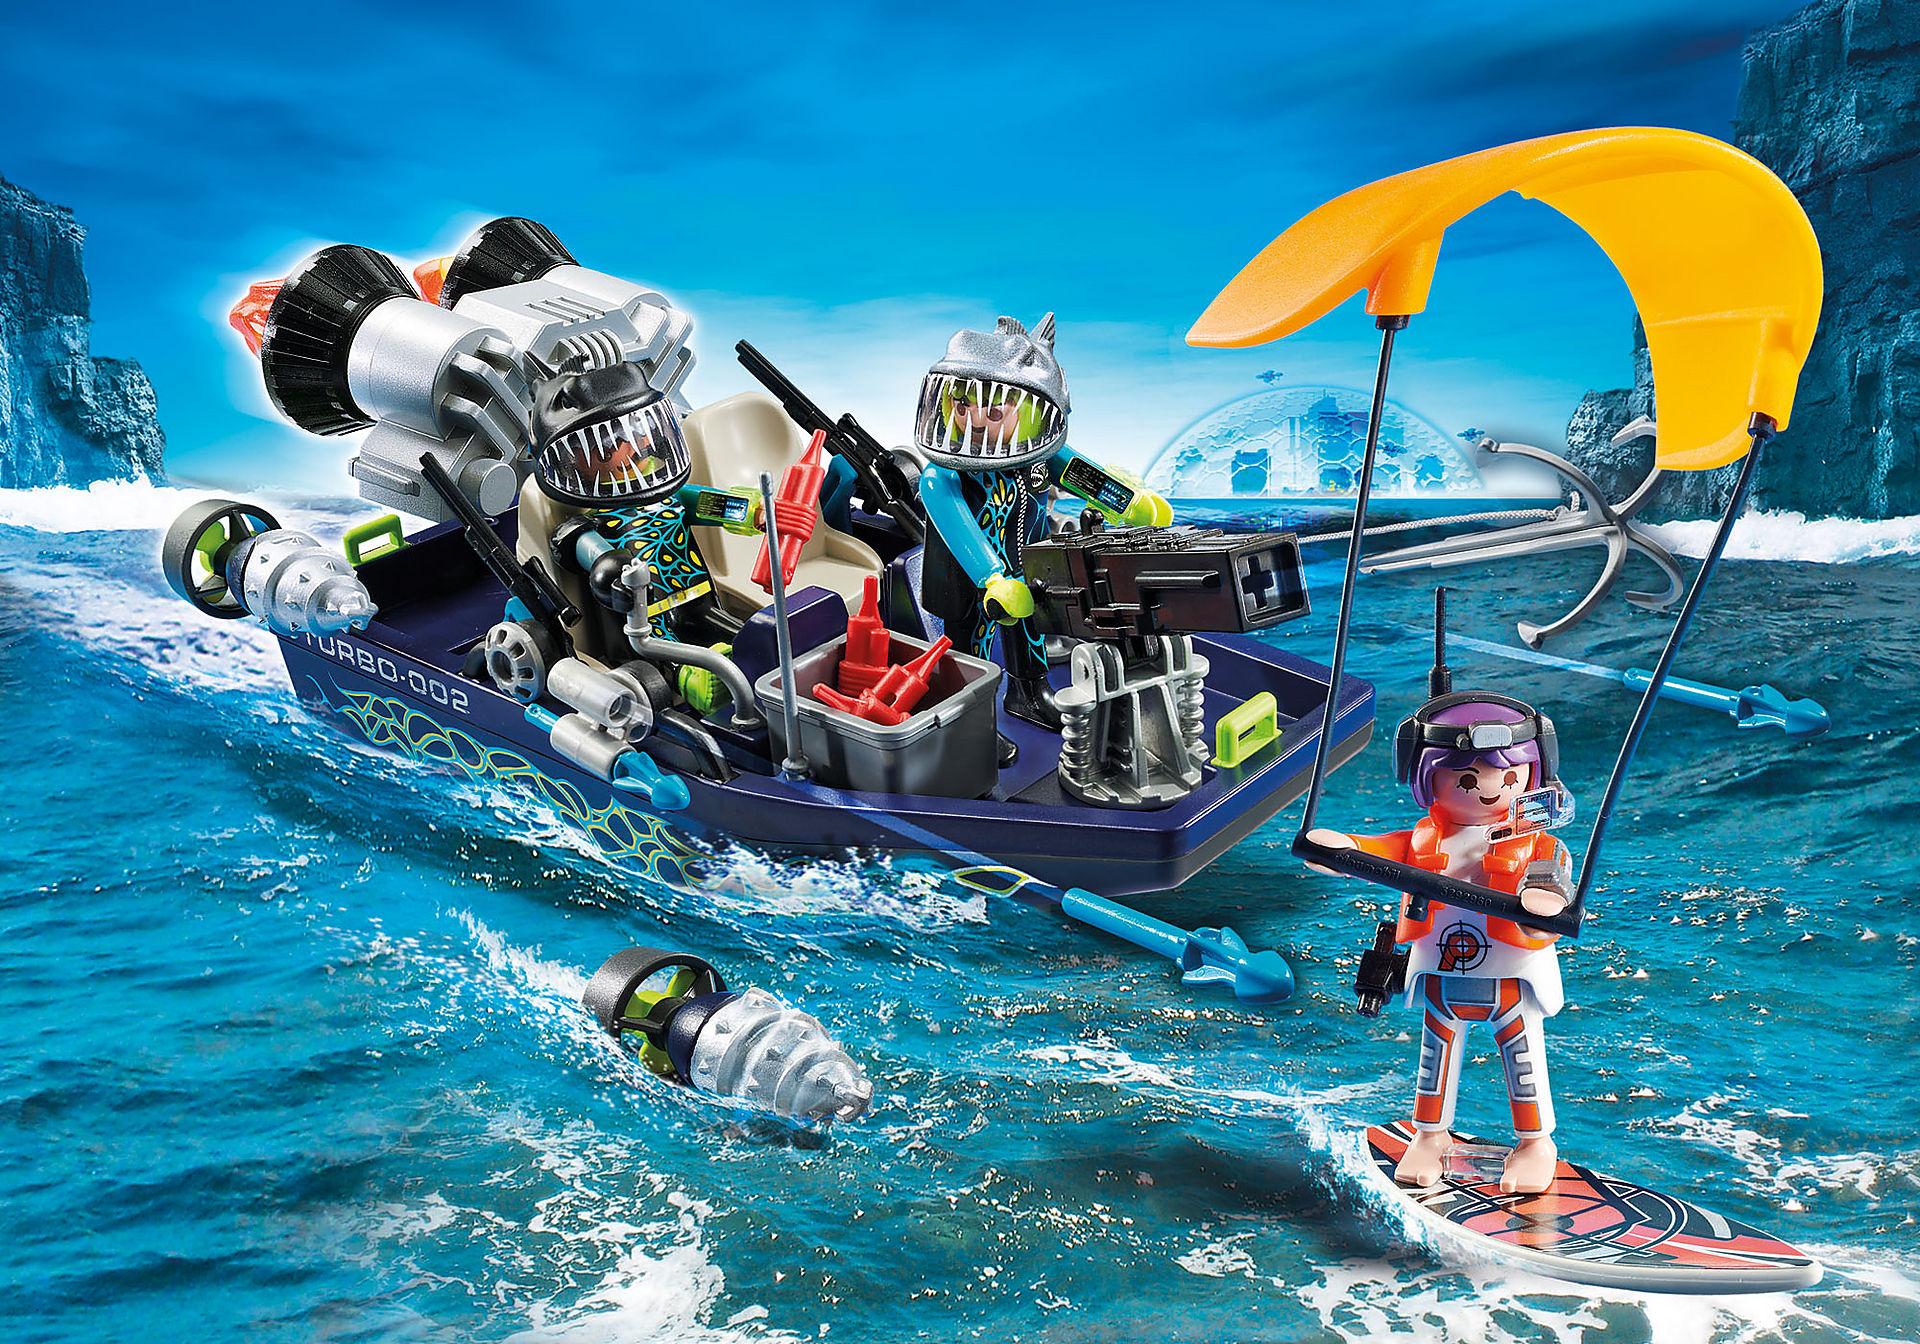 70006 Barca da assalto con arpione del Team S.H.A.R.K. zoom image1